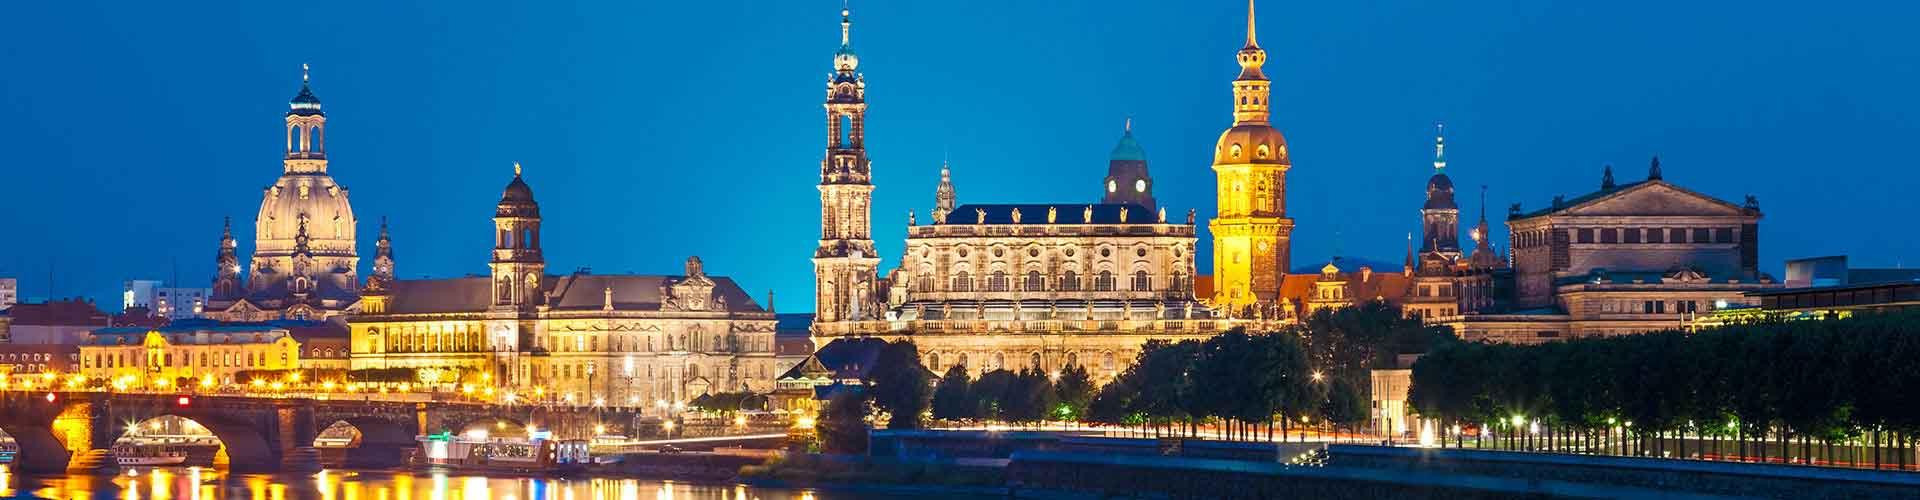 Dresde - Albergues en Dresde. Mapas de Dresde, Fotos y Comentarios para cada Albergue en Dresde.